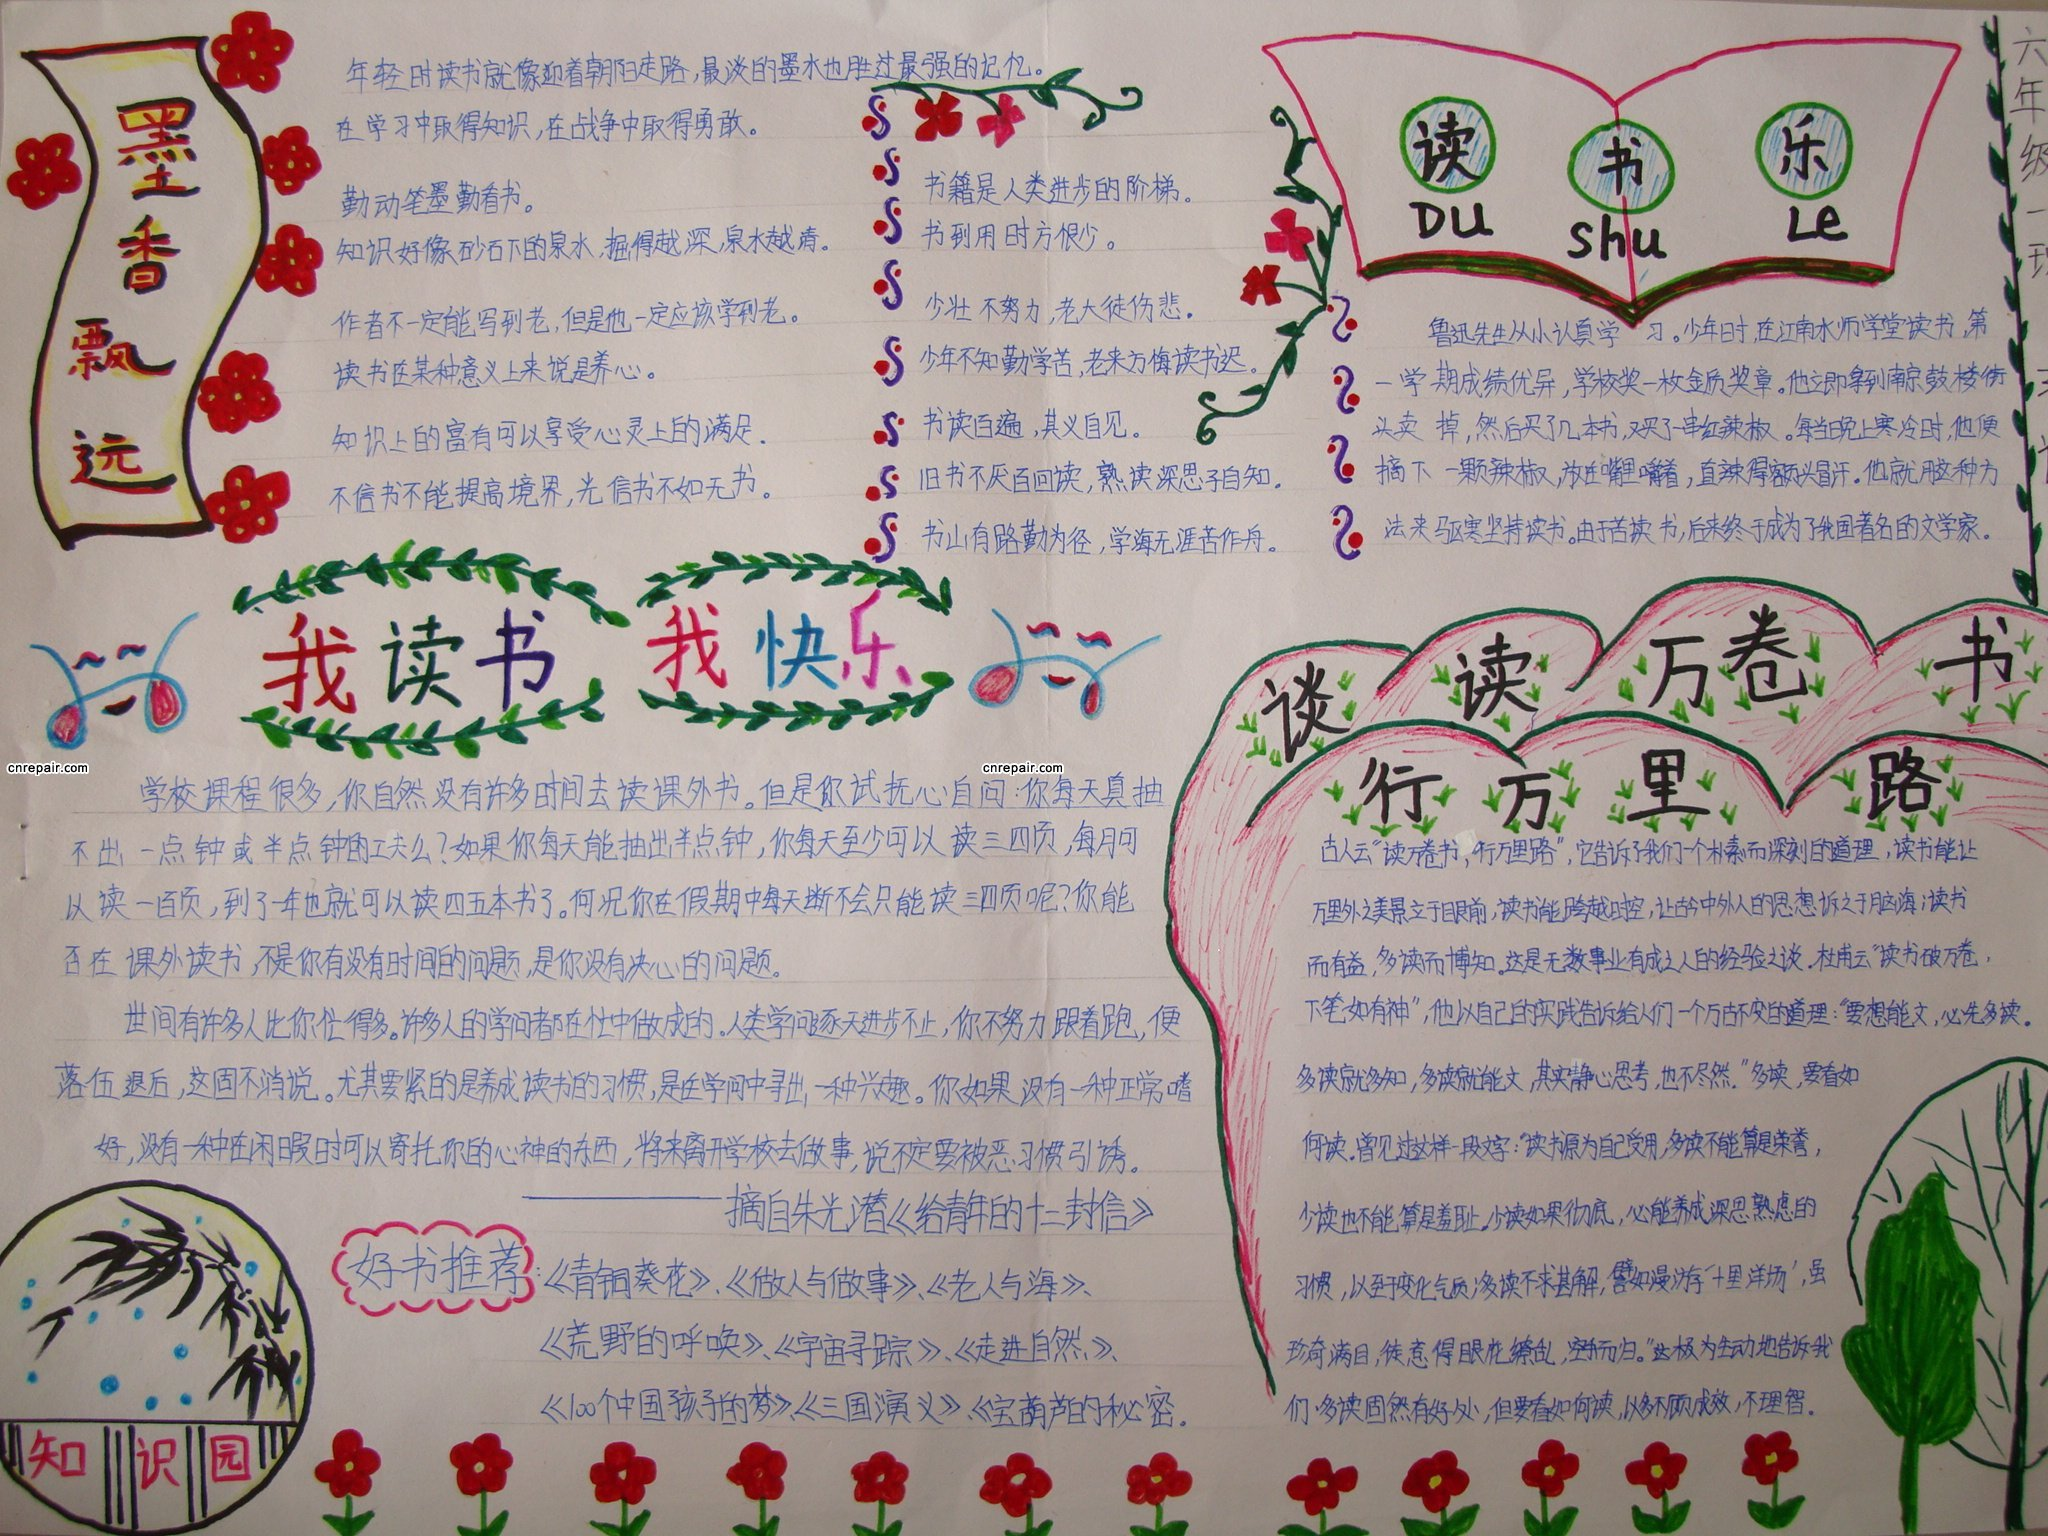 5小学暑假读书手抄报图片